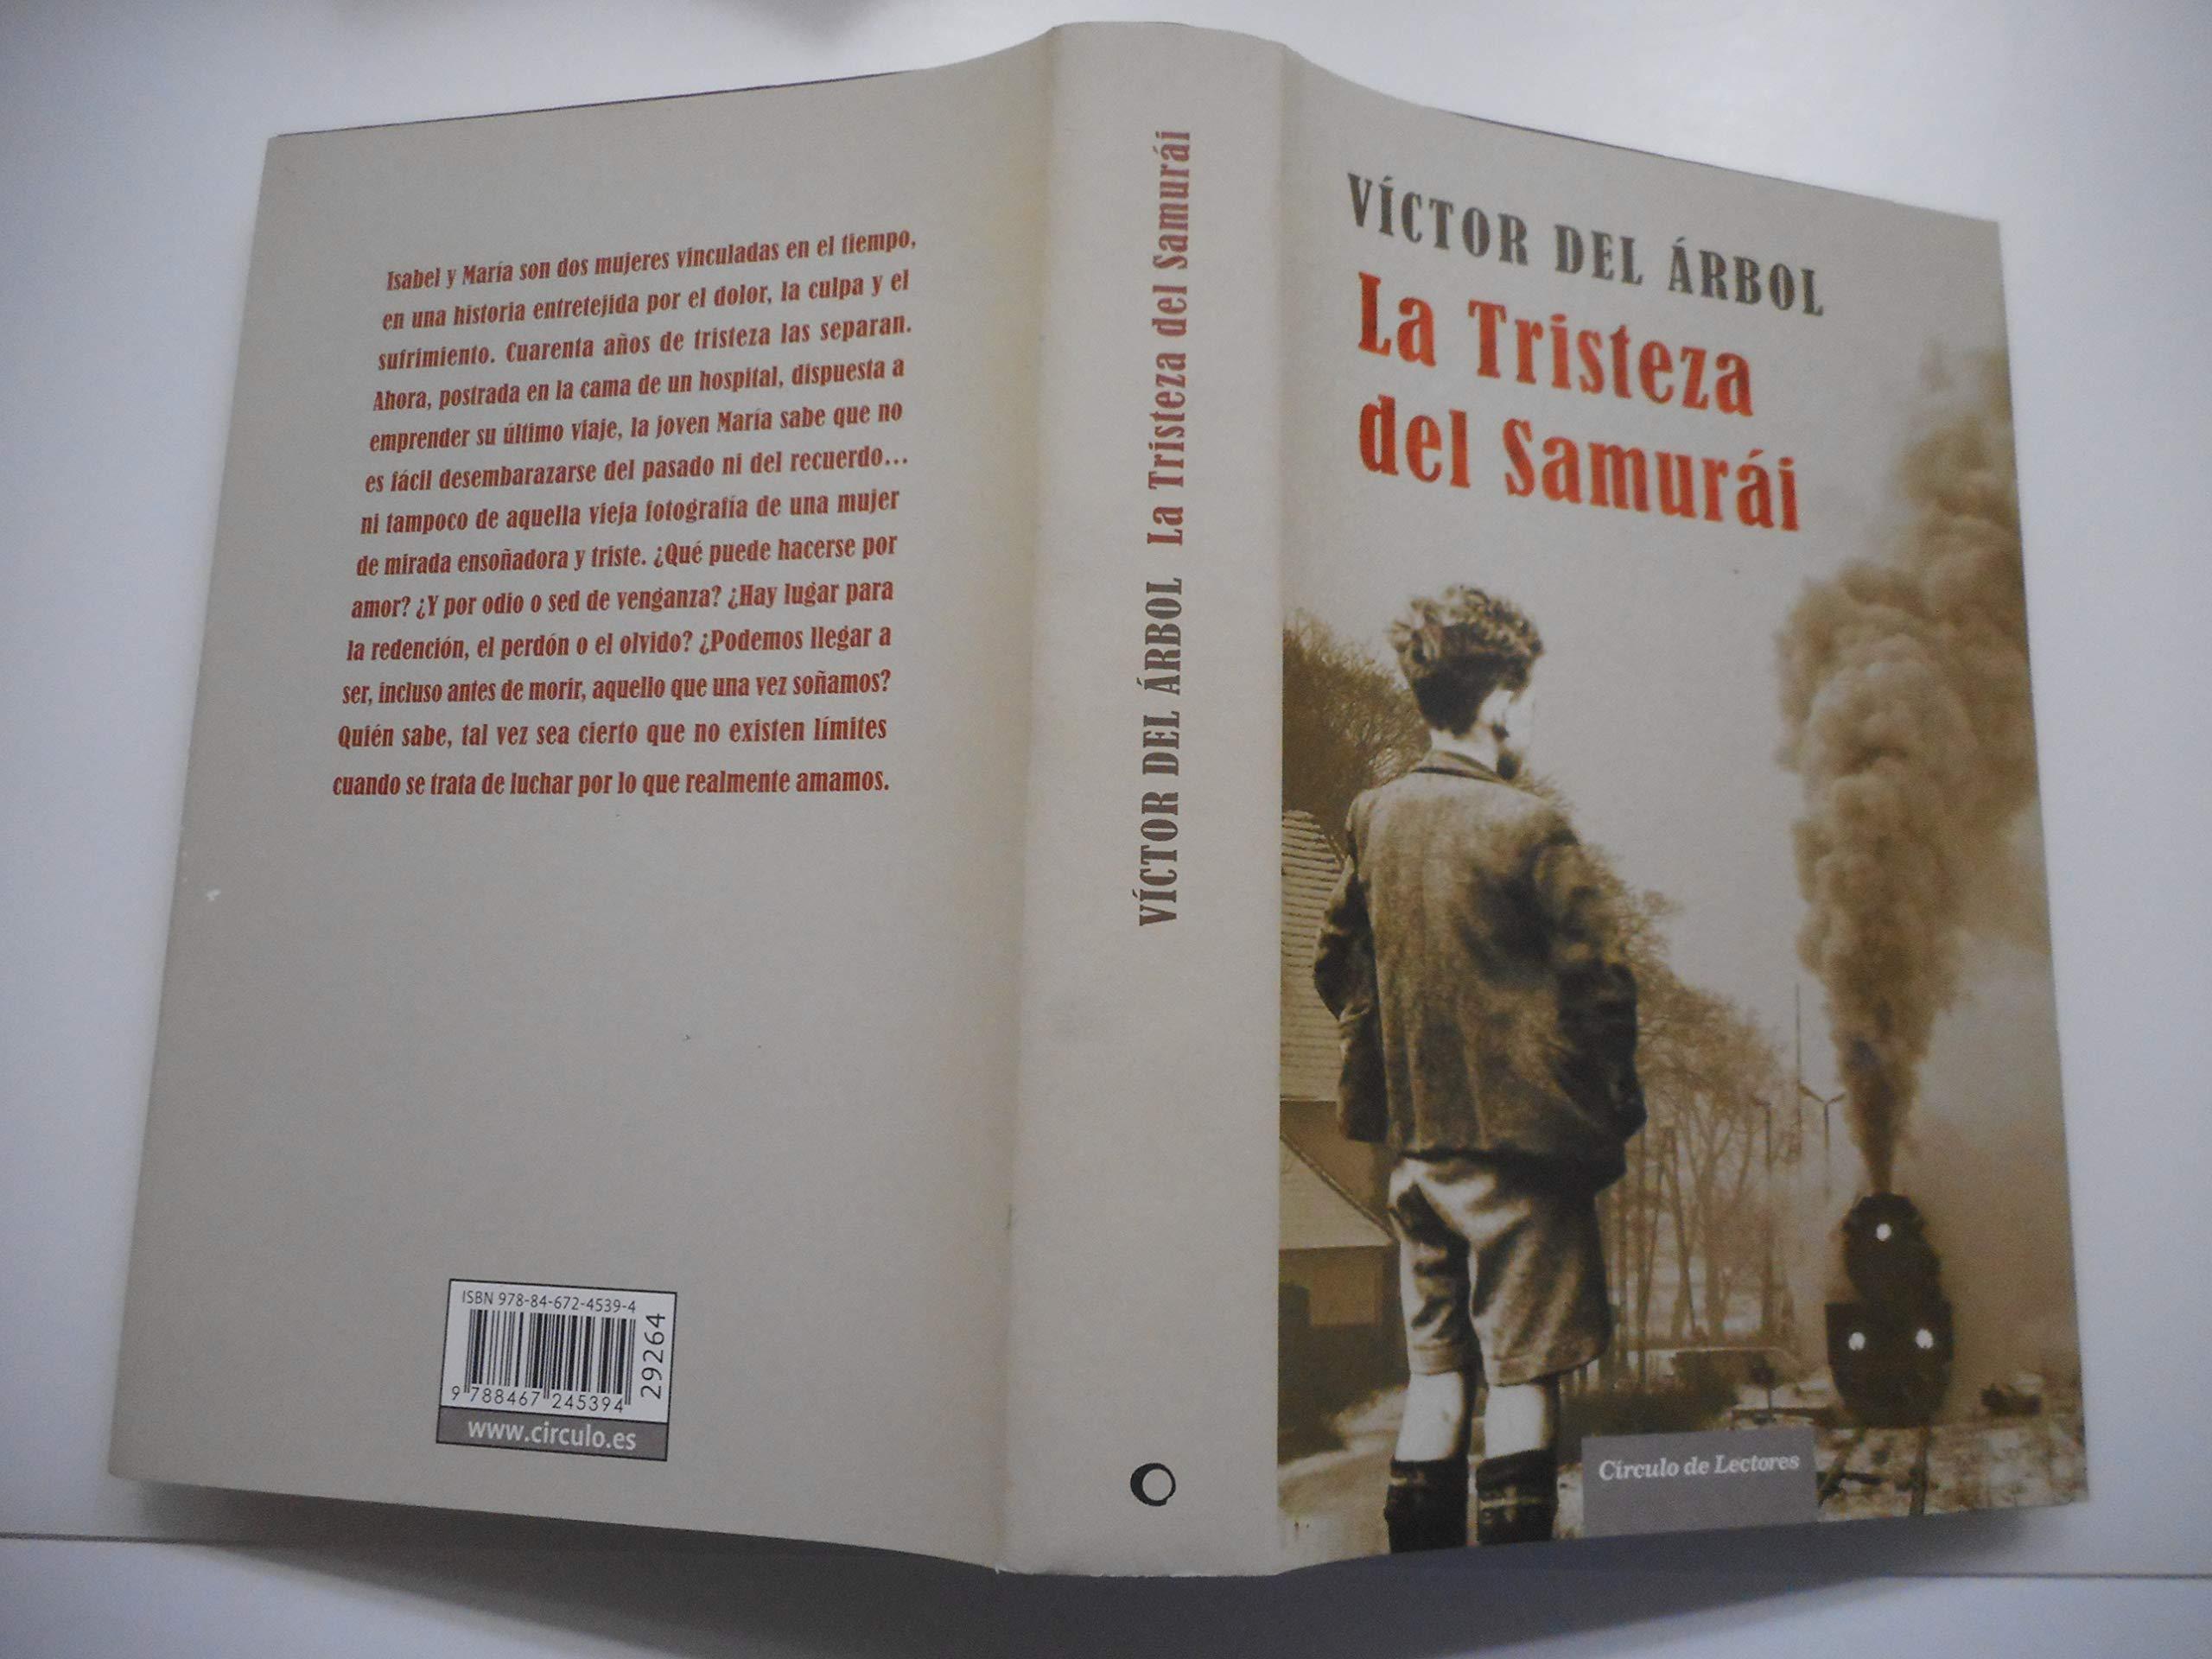 La Tristeza Del Samurái: Amazon.es: Árbol Romero, Víctor del: Libros